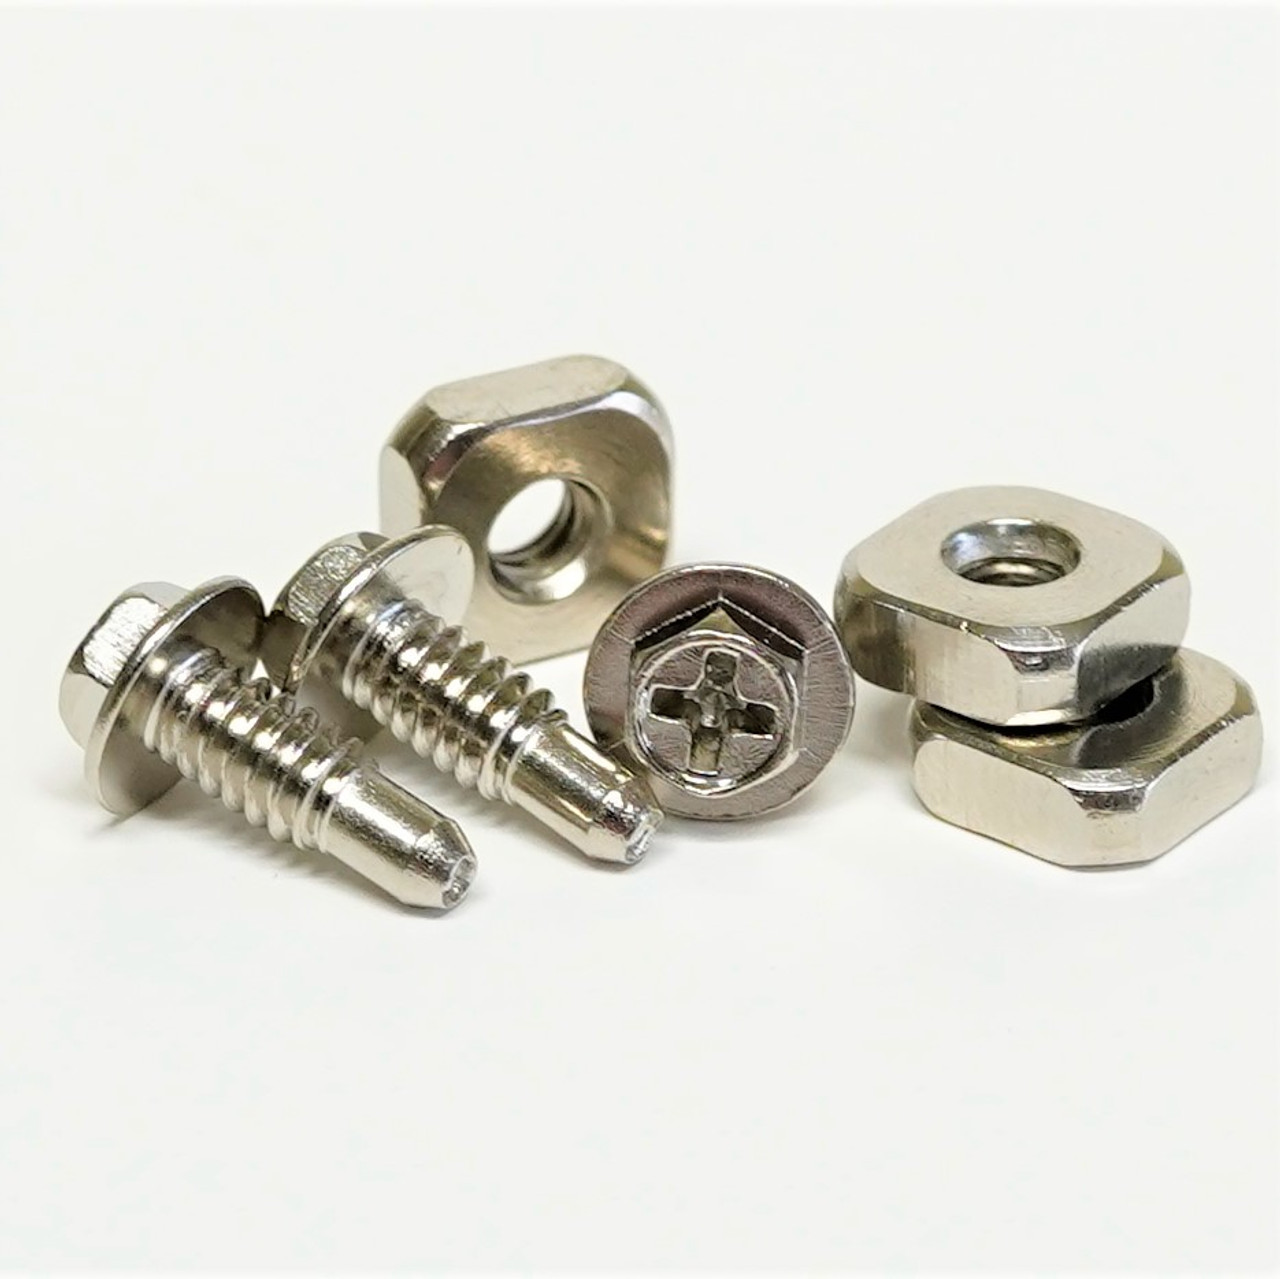 227032 Universal Auger BitLEWIS 0398 6.3inx10mmx9.25In